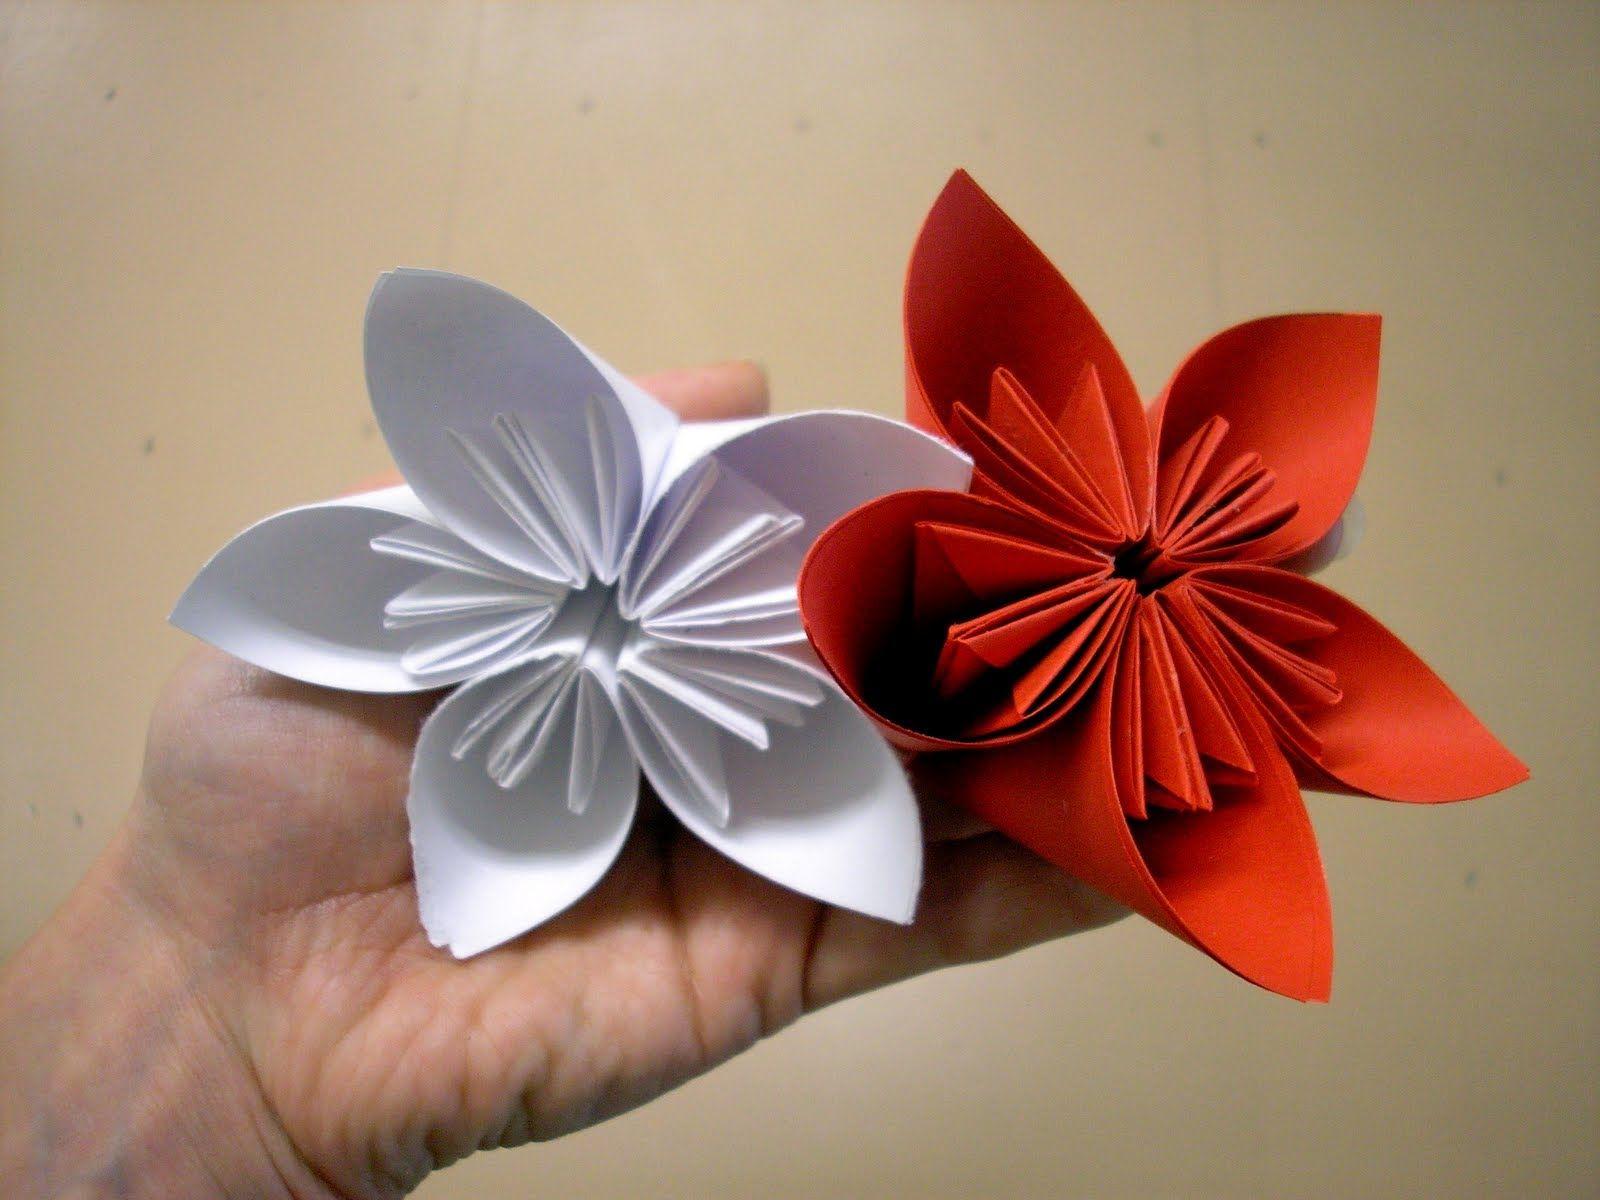 Making Paper Folding Flower Gardening Flower And Vegetables